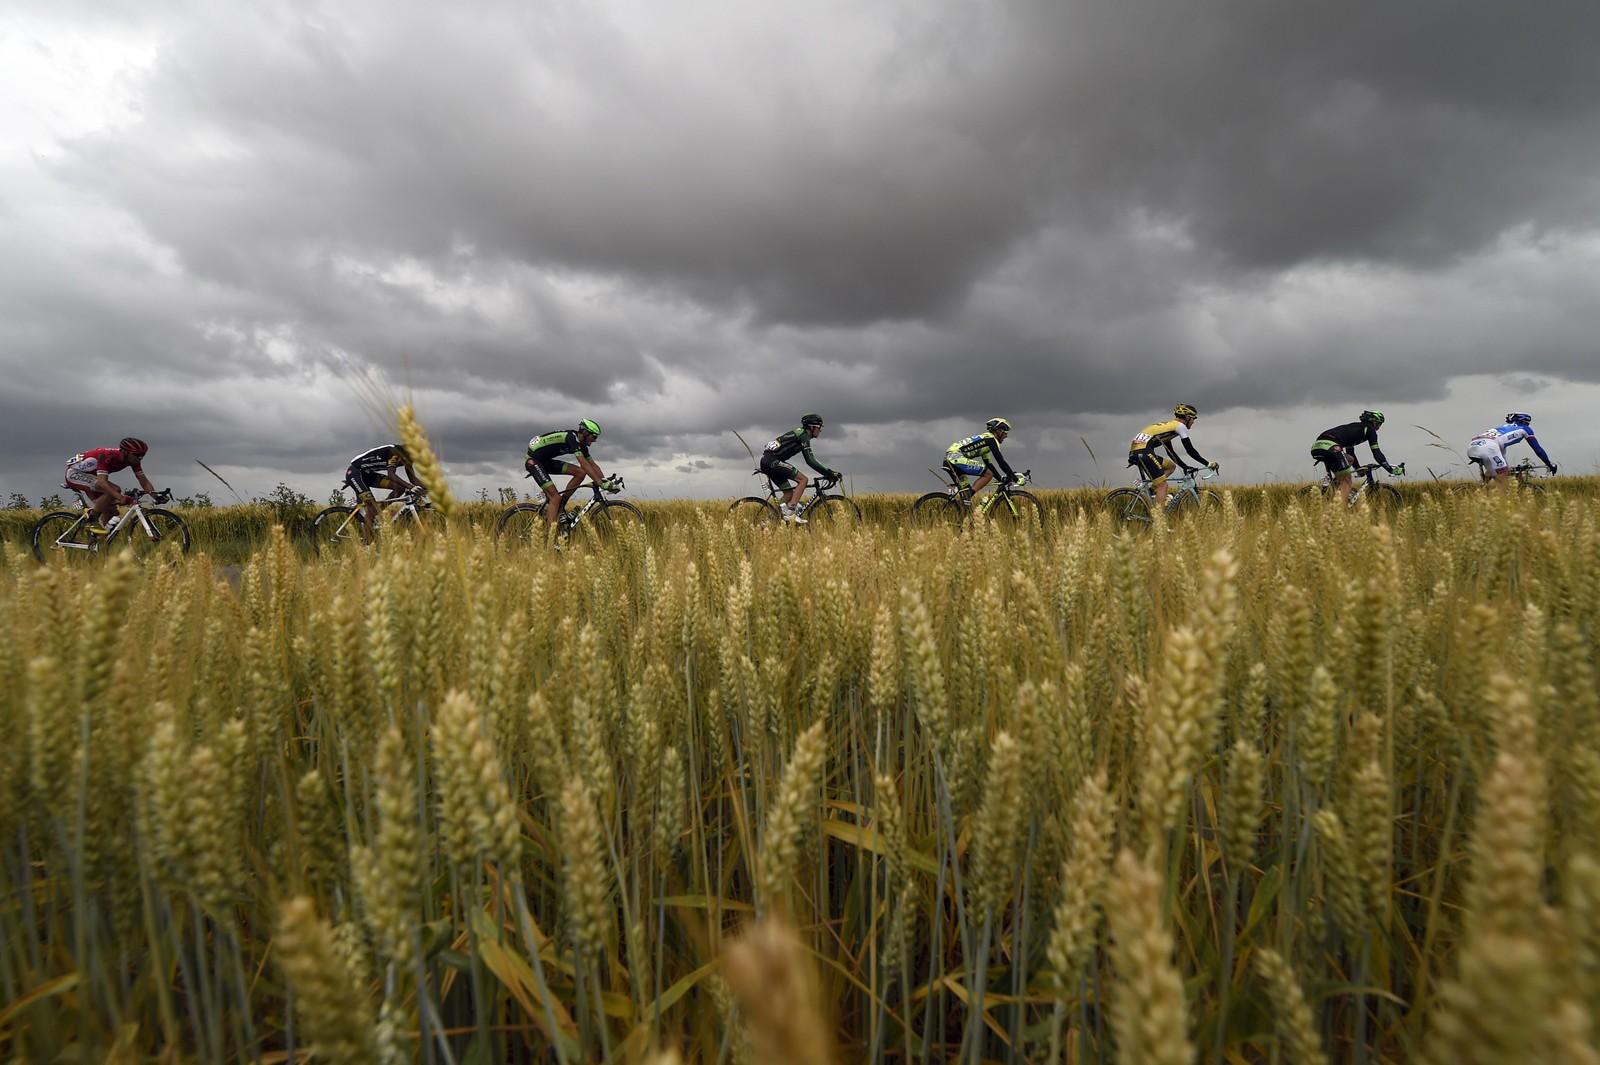 Alle Tour de France-billedgallerier må ha et par bilder av åkre. AFP PHOTO / ERIC FEFERBERG 560071863